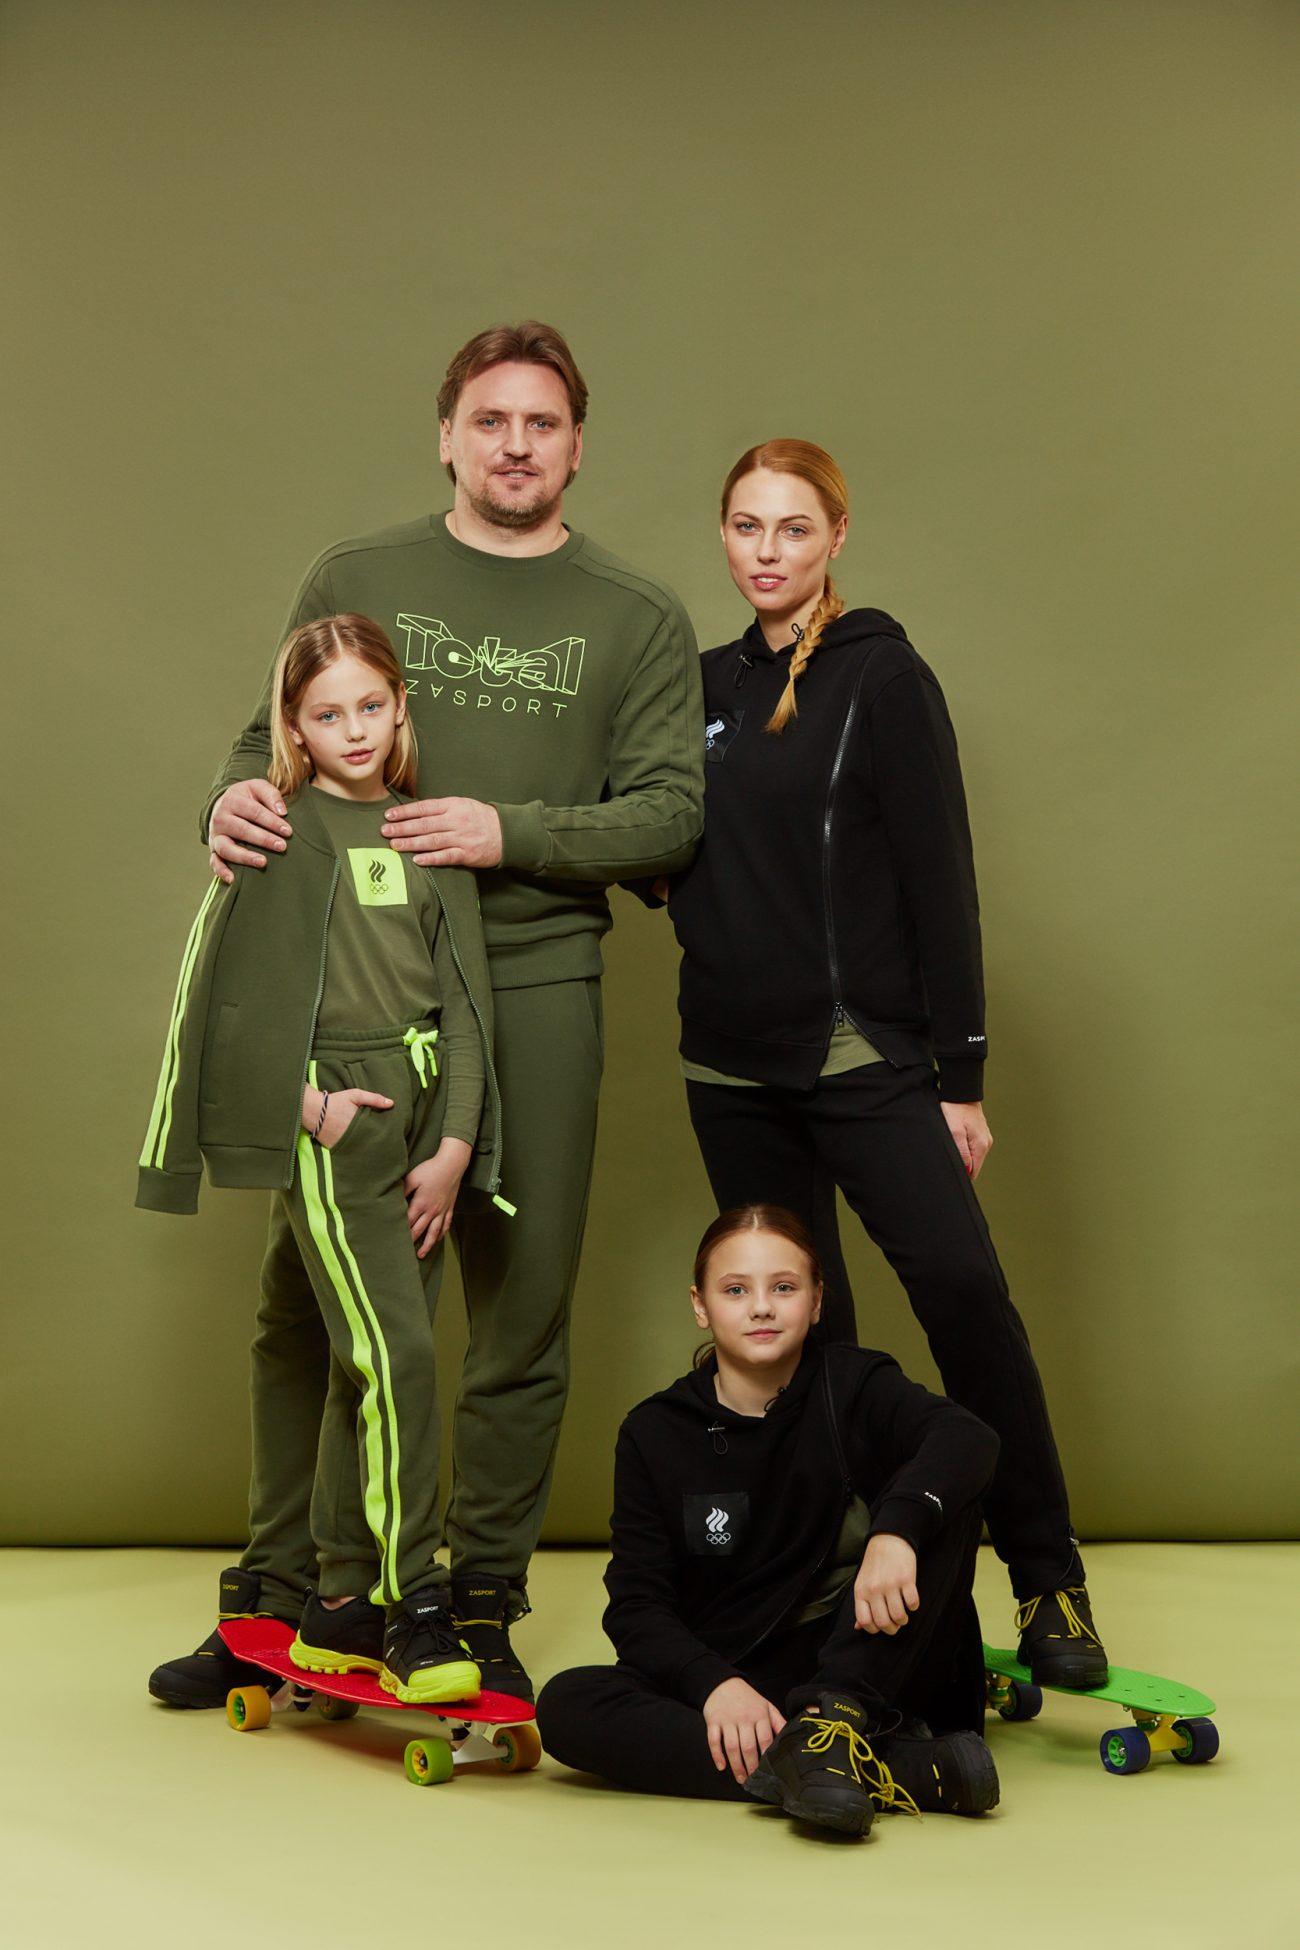 Zasport, Дмитрий Булыкин и Екатерина Полянская, семья